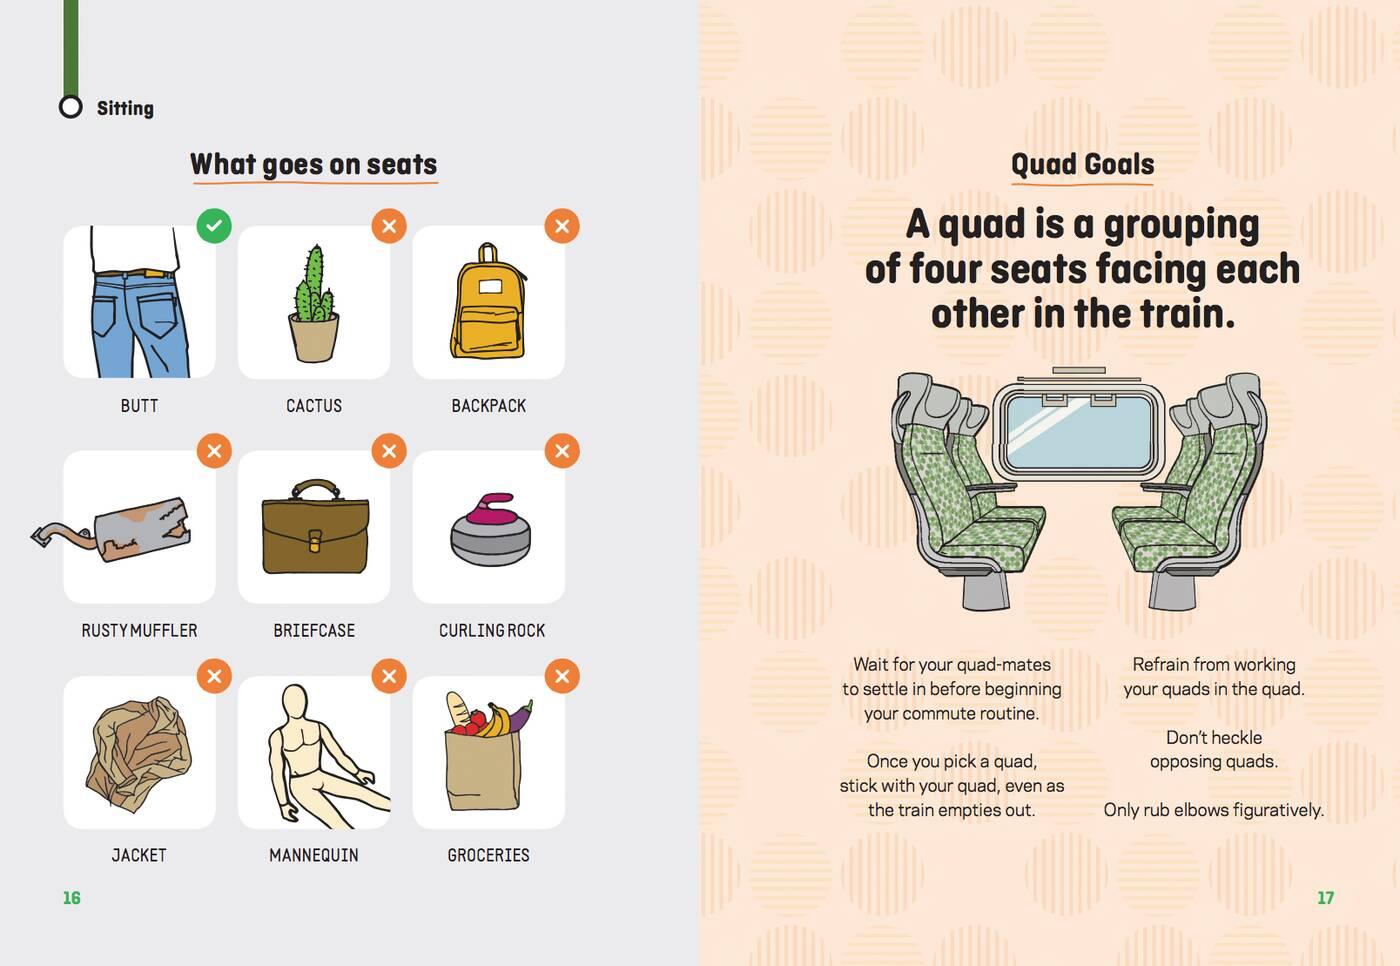 Go Transit etiquette